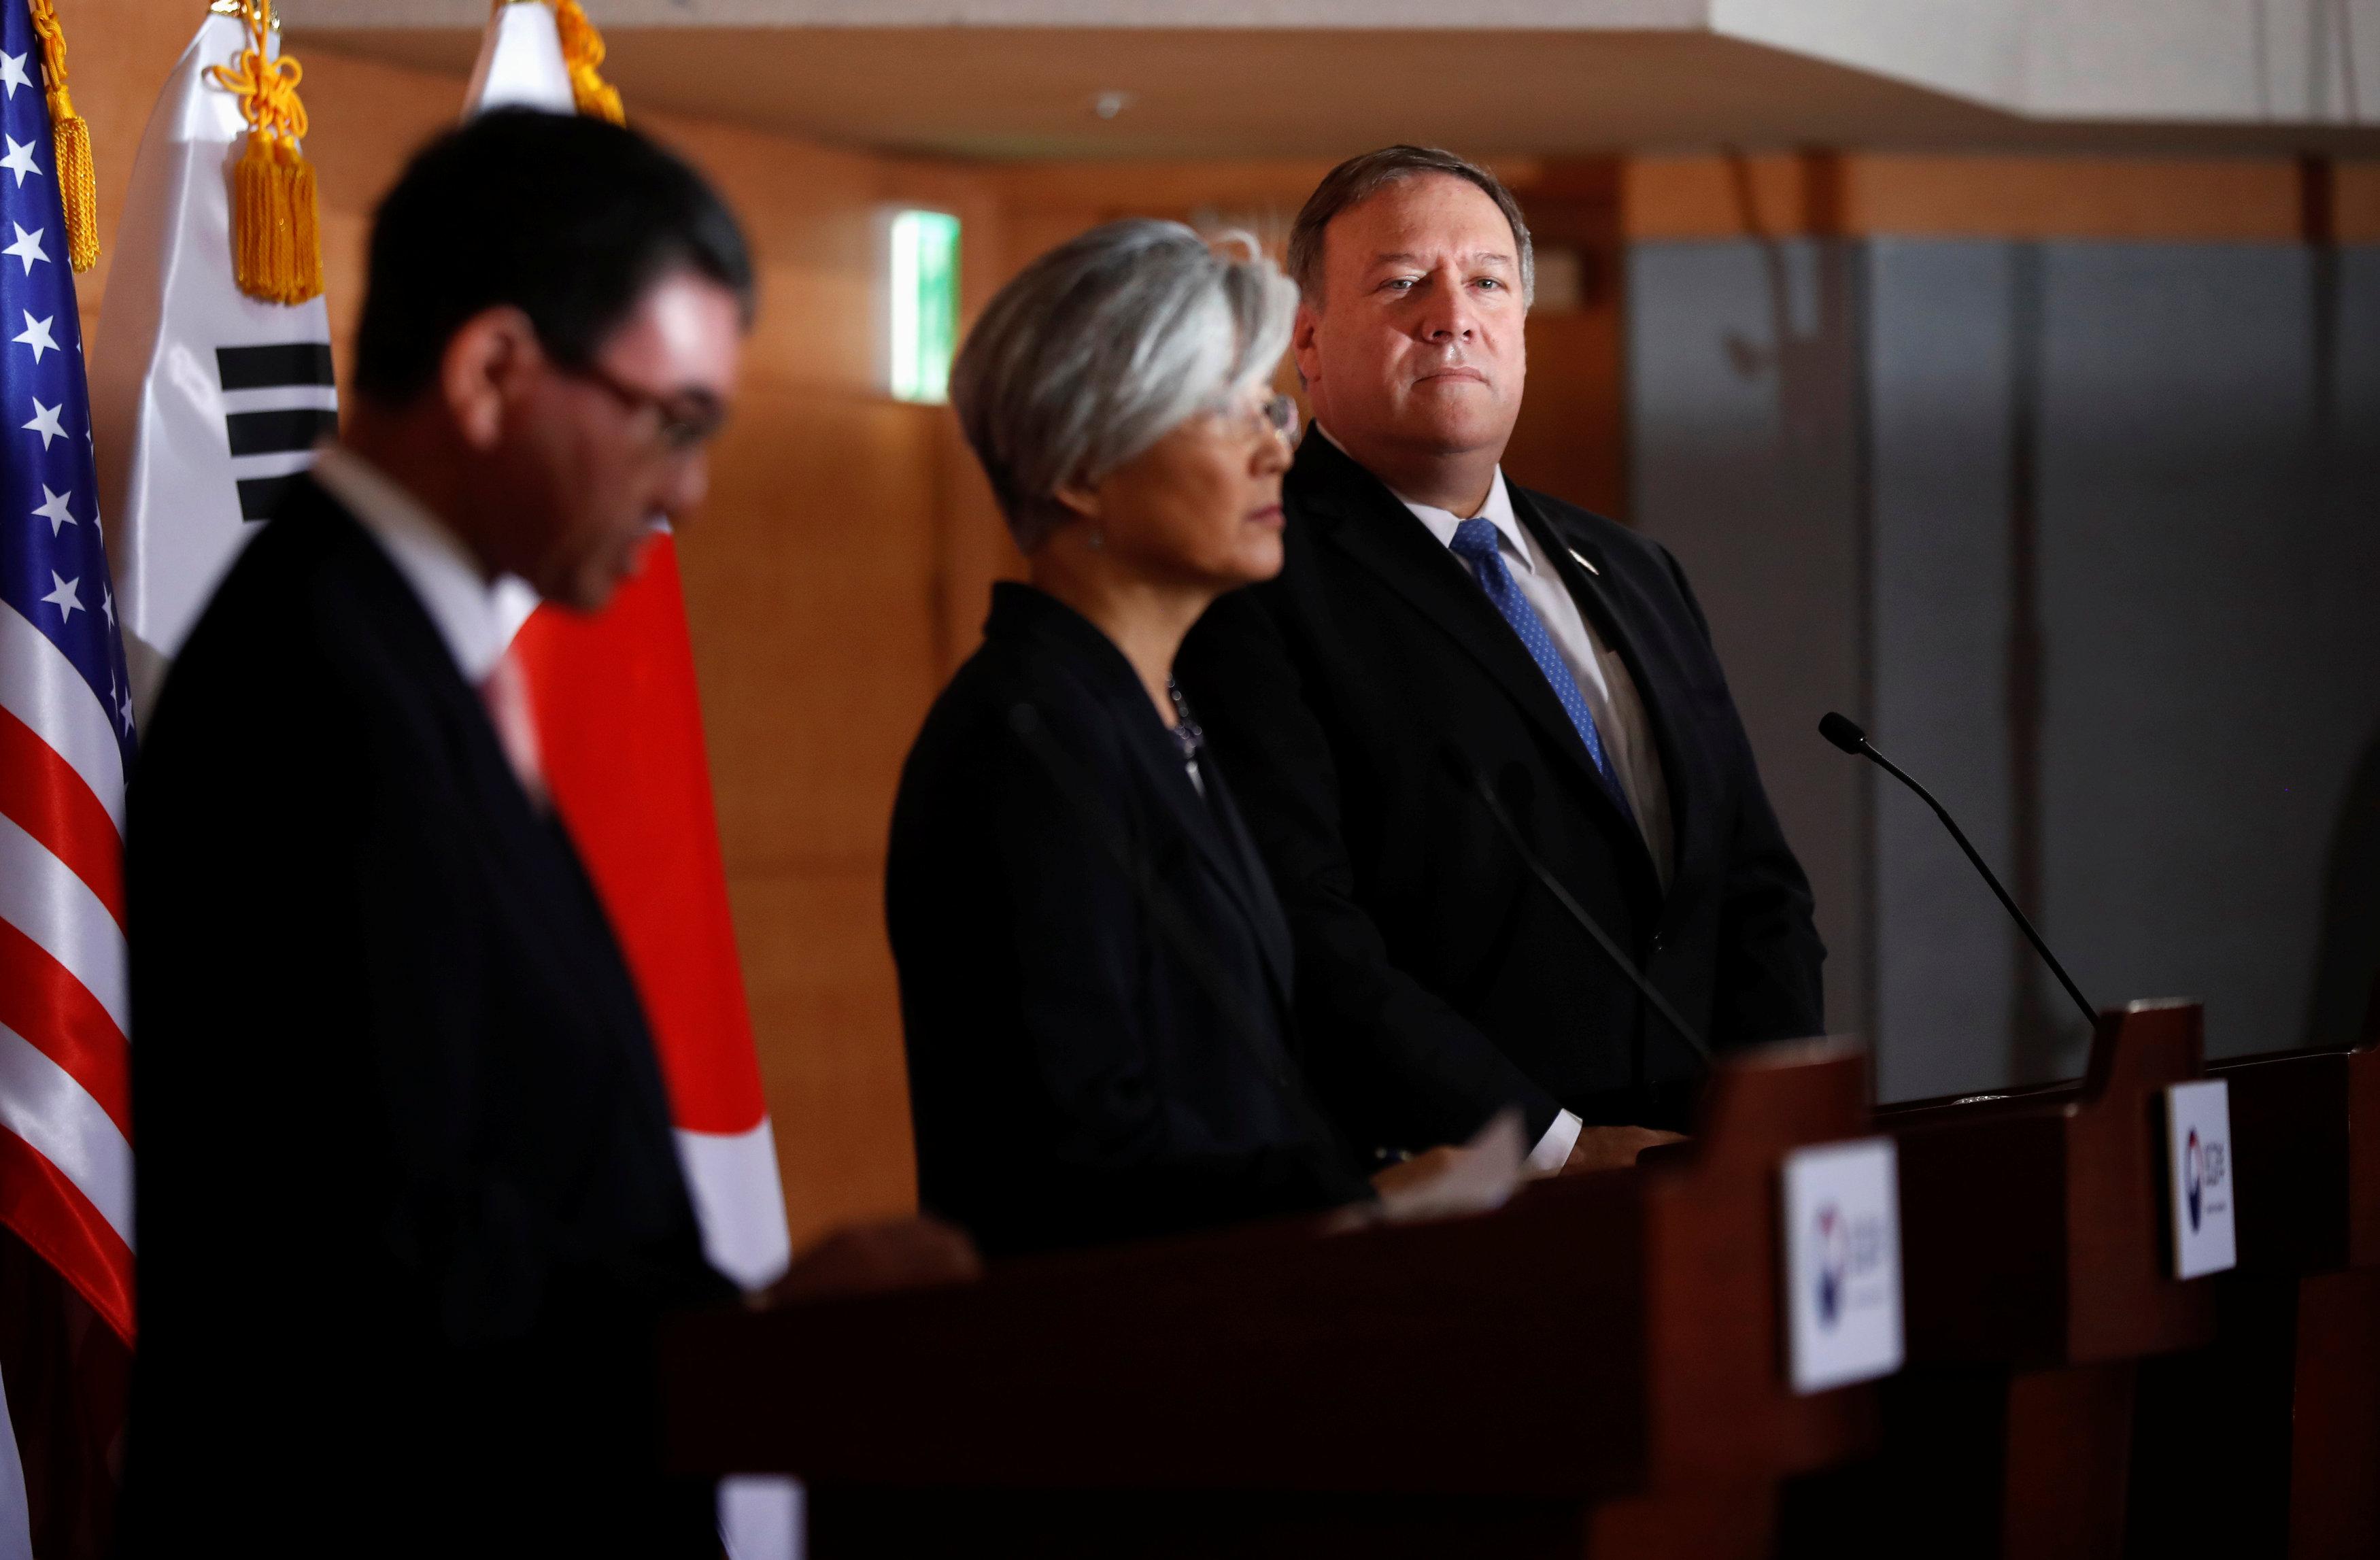 El secretario de Estado Mike Pompeo durante la conferencia de prensa con la canciller surcoreana Kang Kyung-wha y el japonés Taro Kono en Seúl (REUTERS/Kim Hong-ji)